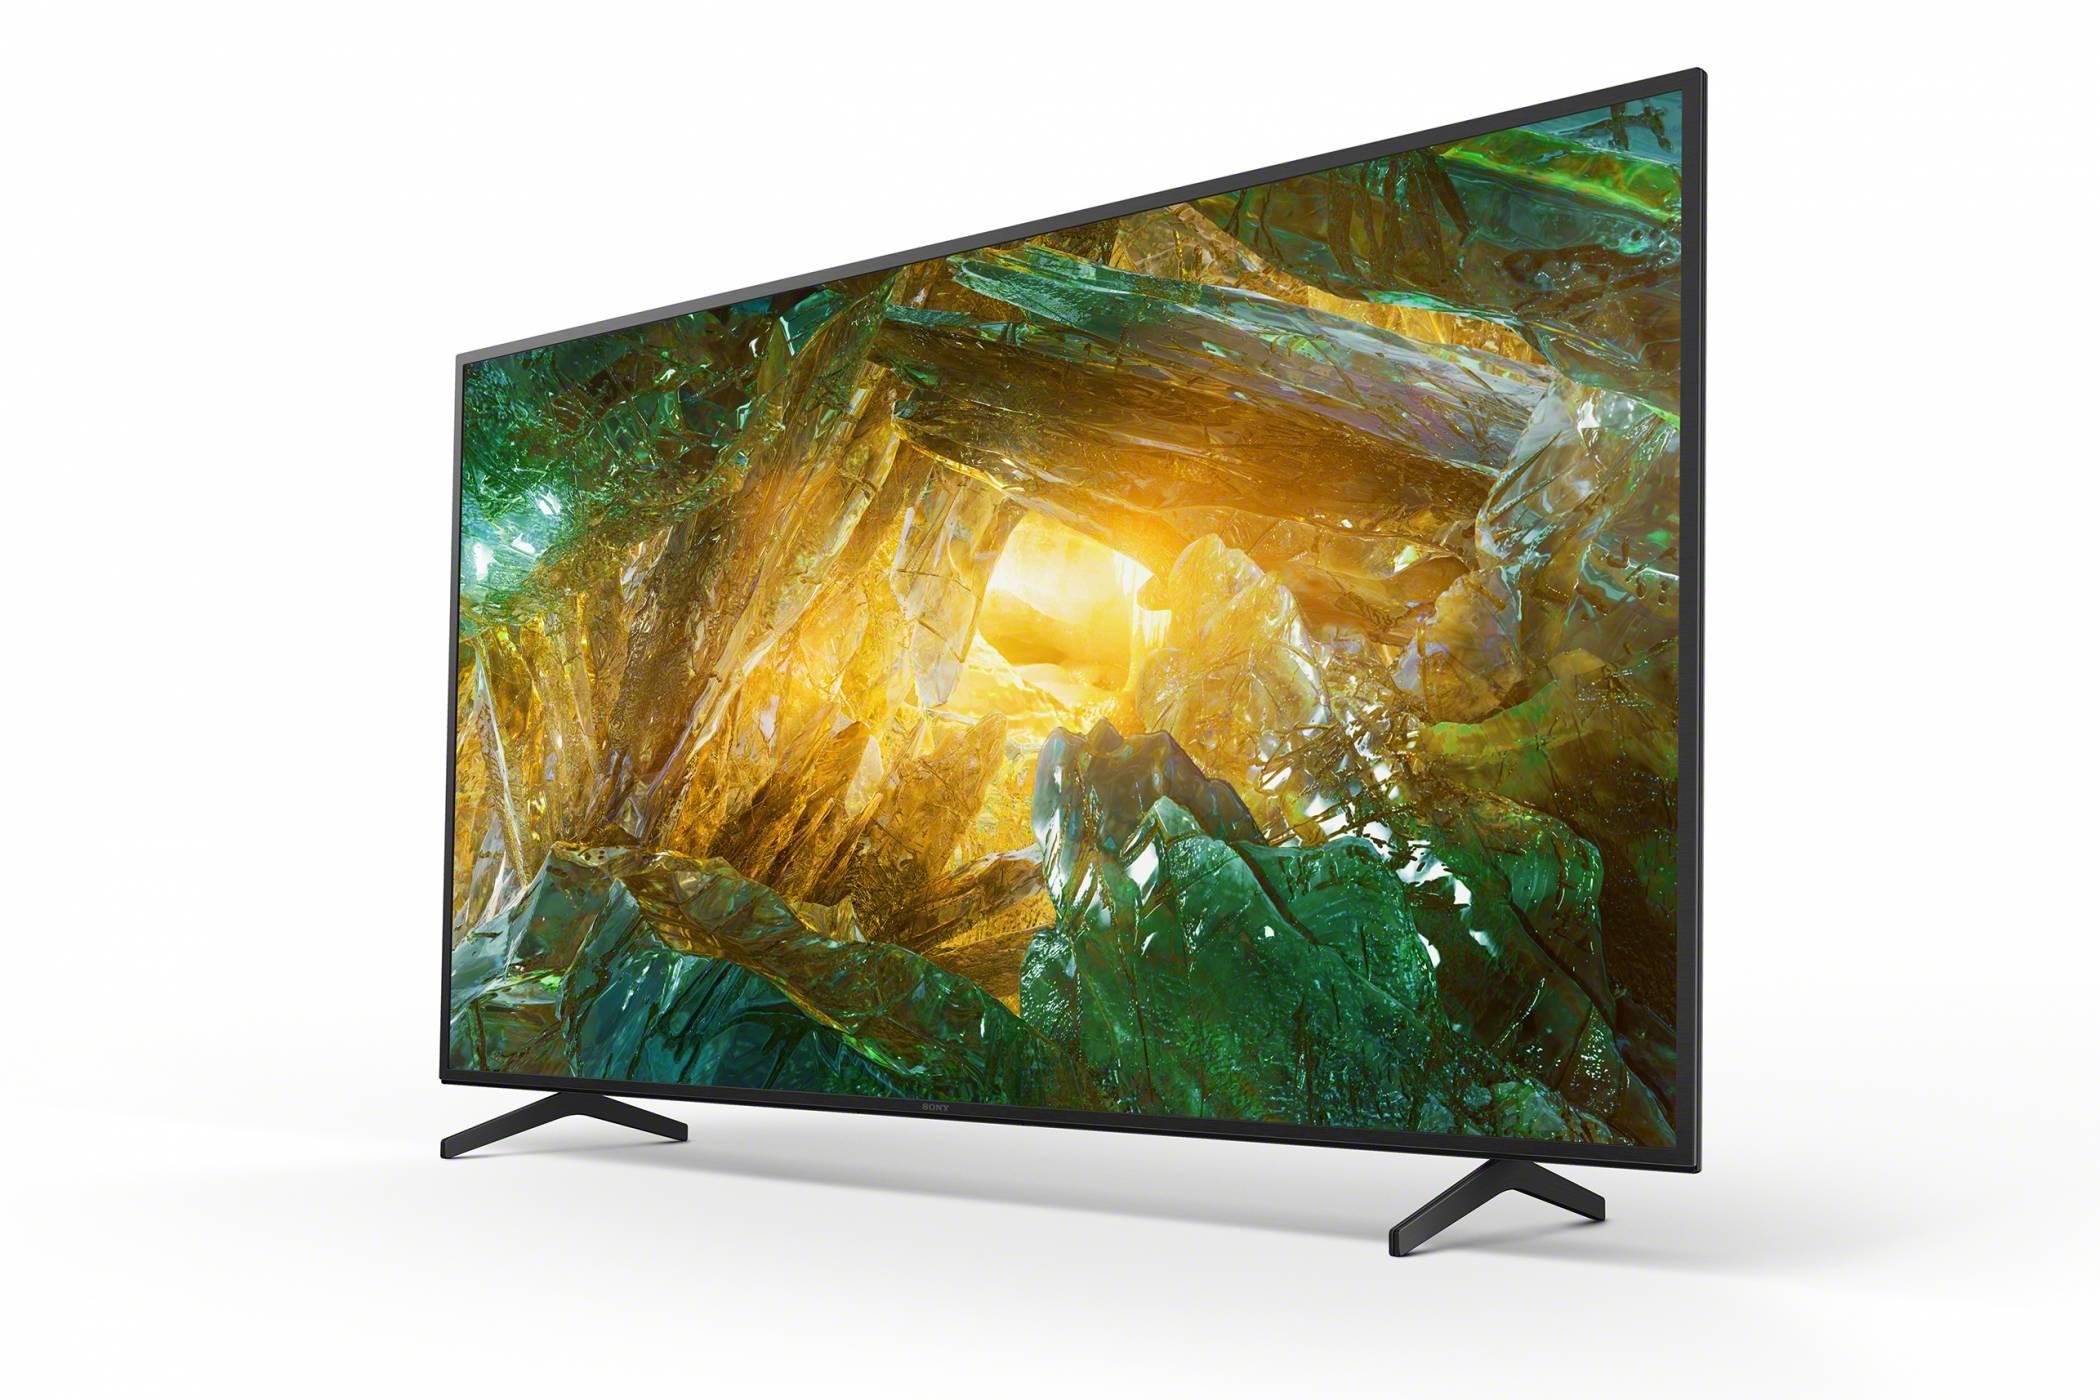 Новите 4K HDR LCD телевизори Sony XH80- контраст и живи цветове